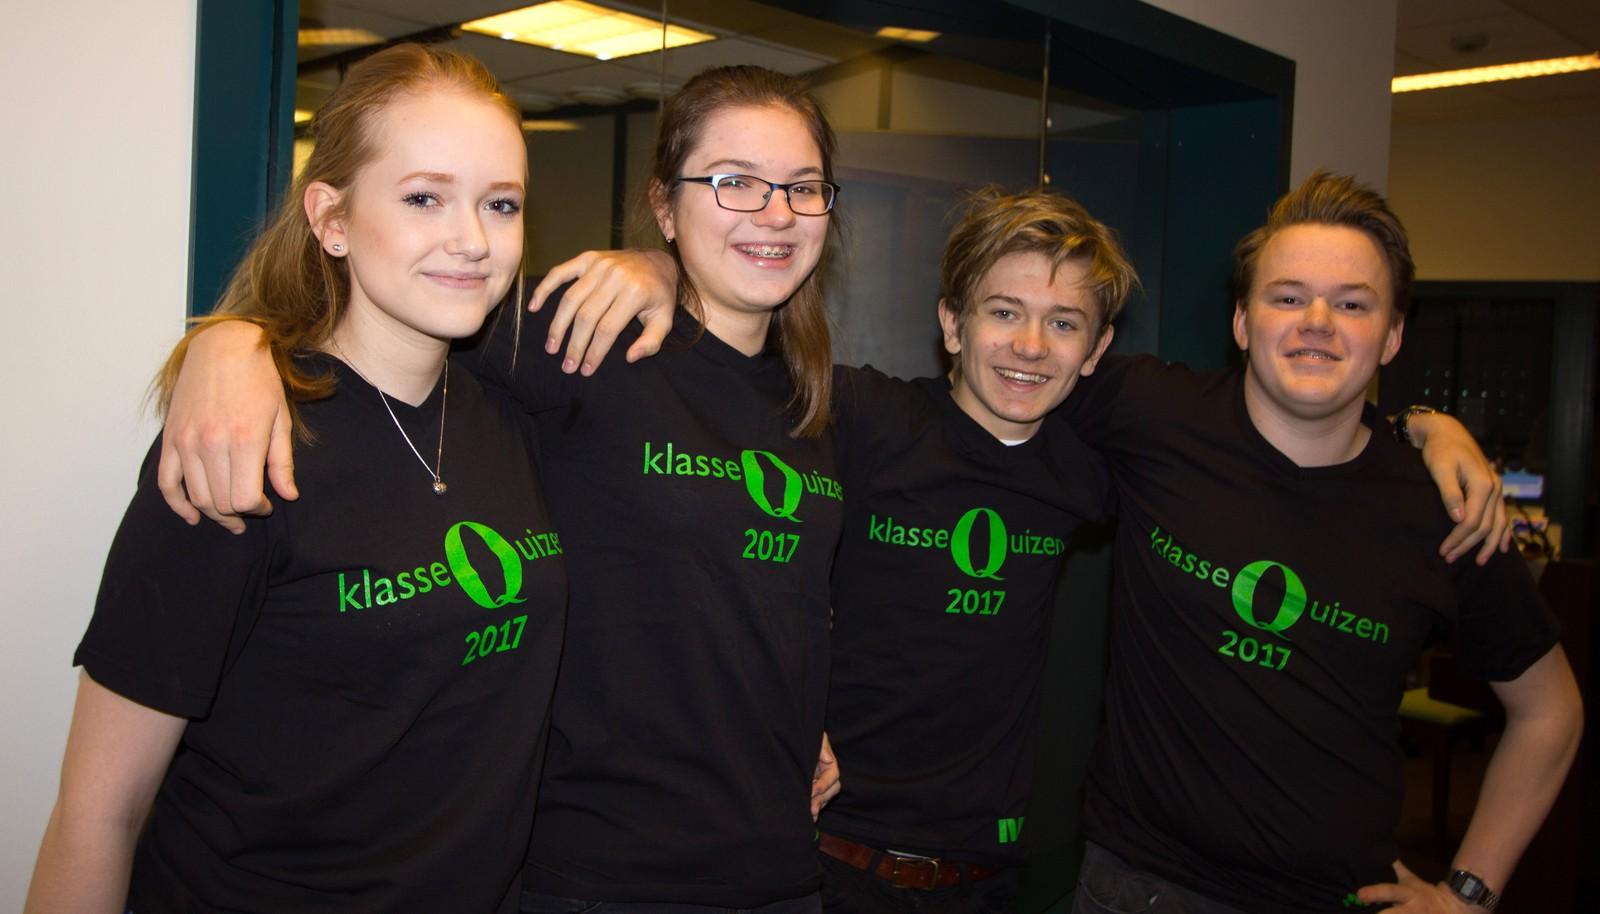 Sara Hønsi, Irina Shuatova, Thomas Forberg Haugvaldstad og Adam Aune representerte Revheim skole på Madla i Stavanger, og fikk ni poeng.